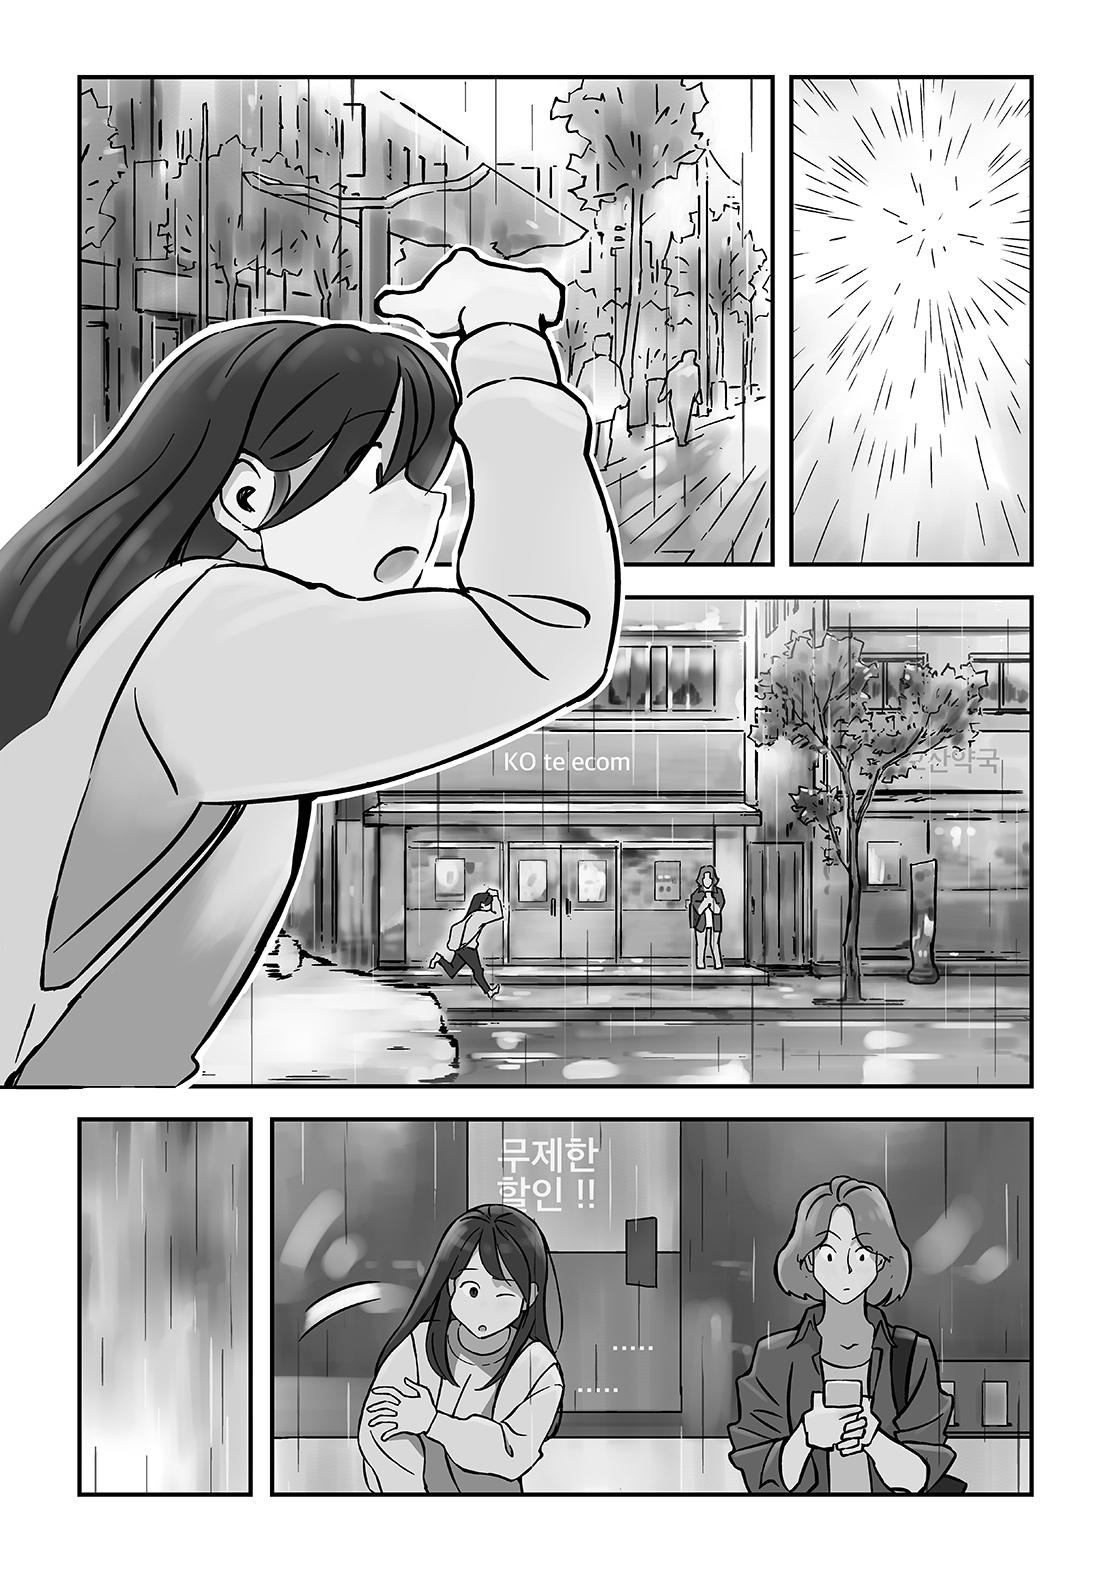 푸석요고/비 오는 날 생긴 일~雨の日の 出来事~